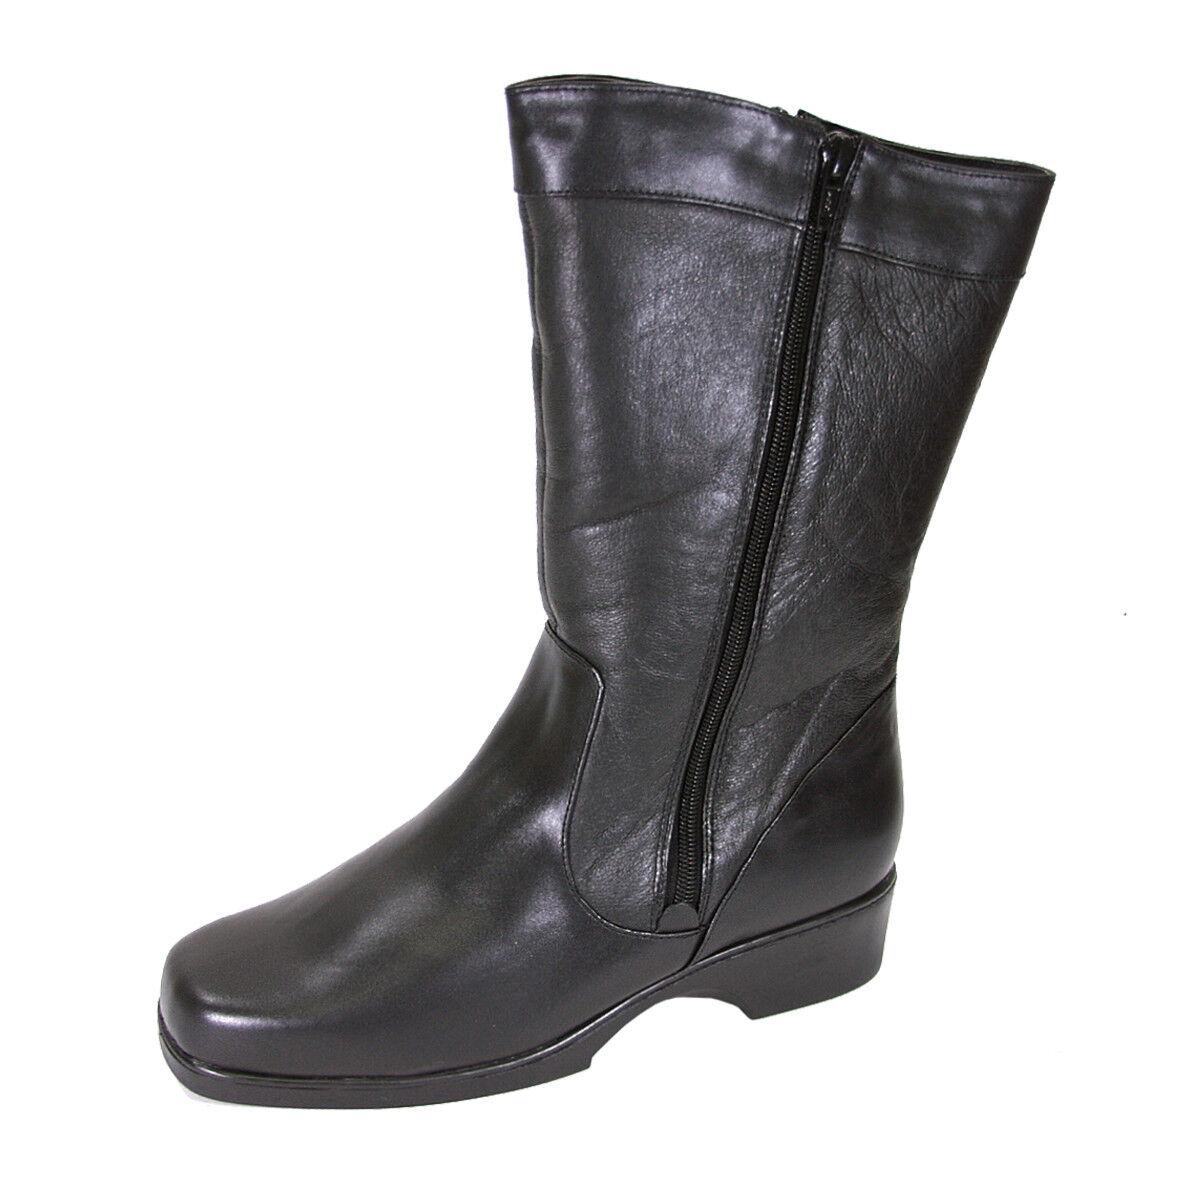 FIC PEERAGE Maya Women Wide Width Leather Dual Side Zip Mid-Calf Boot